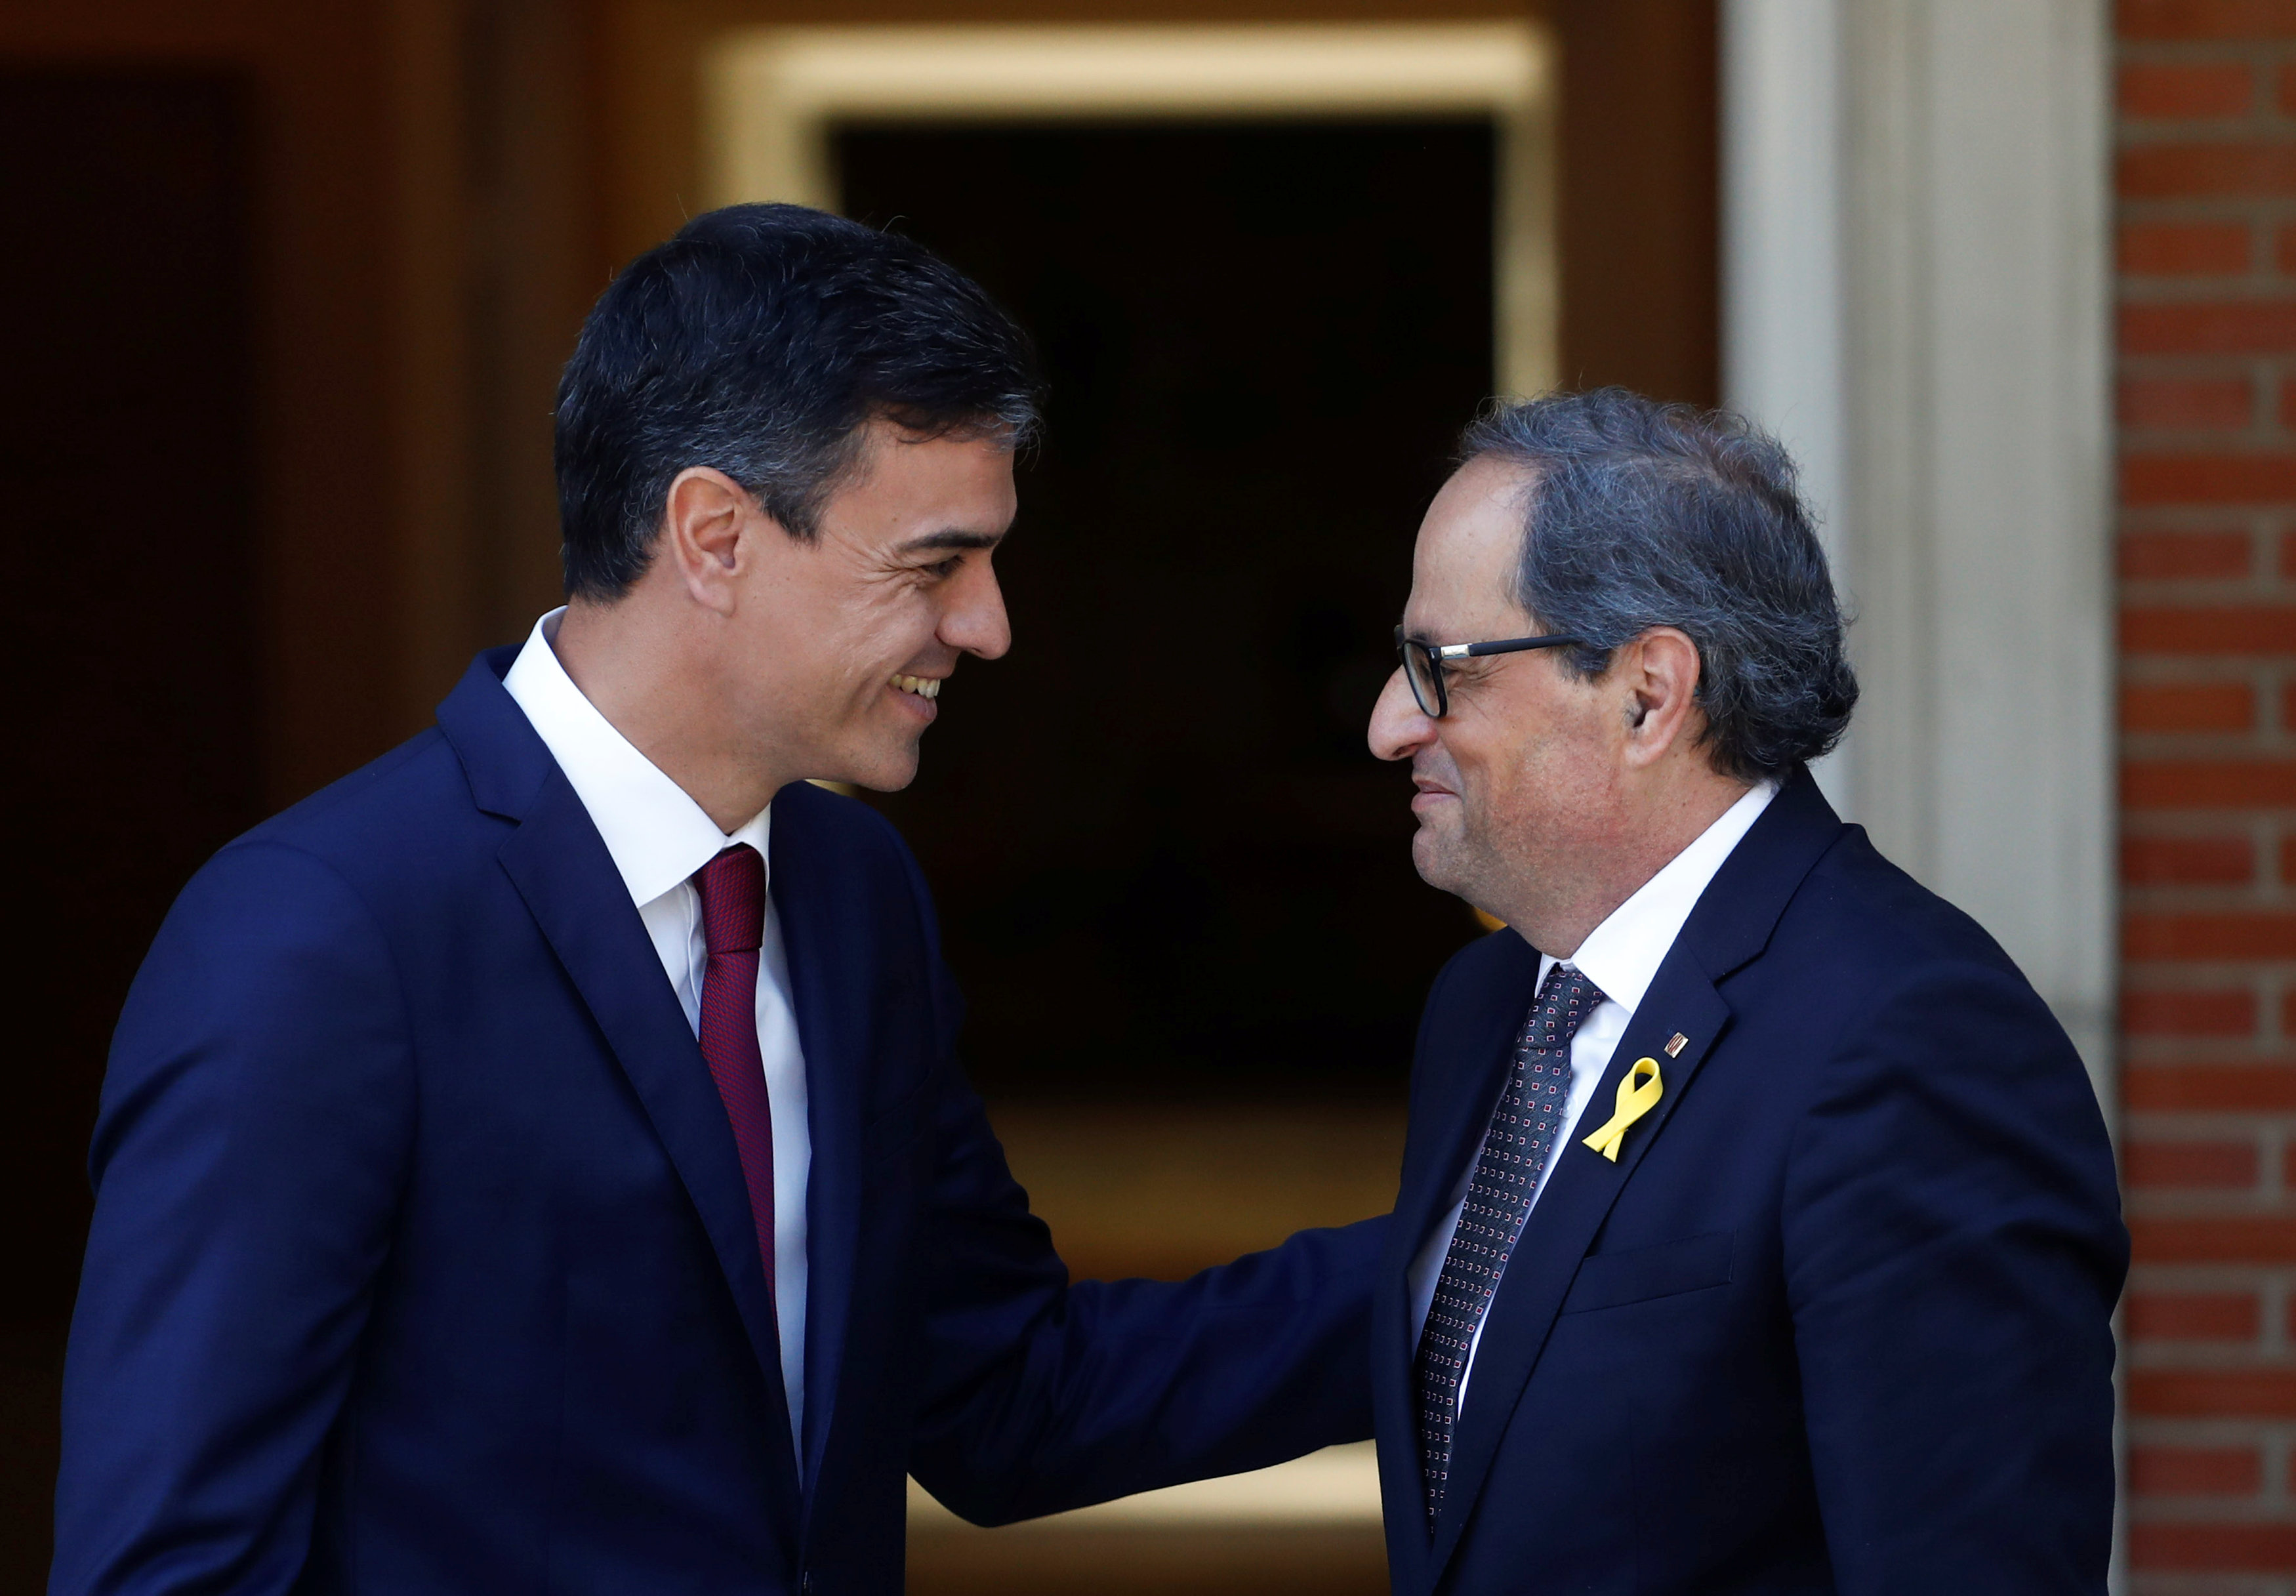 رئيس وزراء إسبانيا ورئيس إقليم كتالونيا الجديد